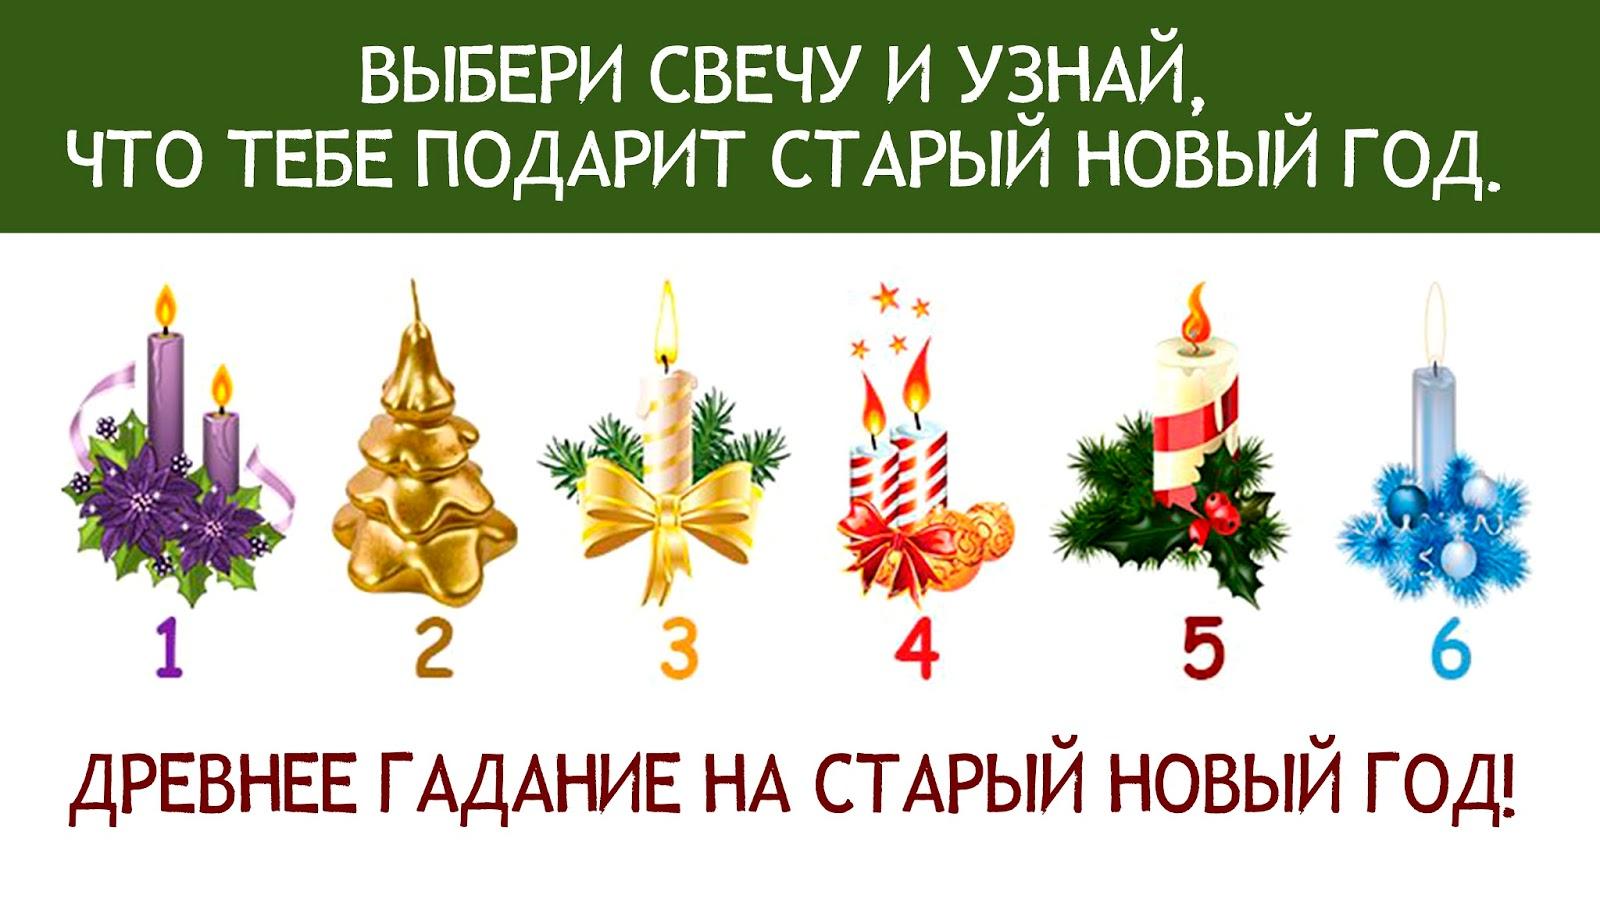 Что ты подаришь на новый год число от 1 до 40